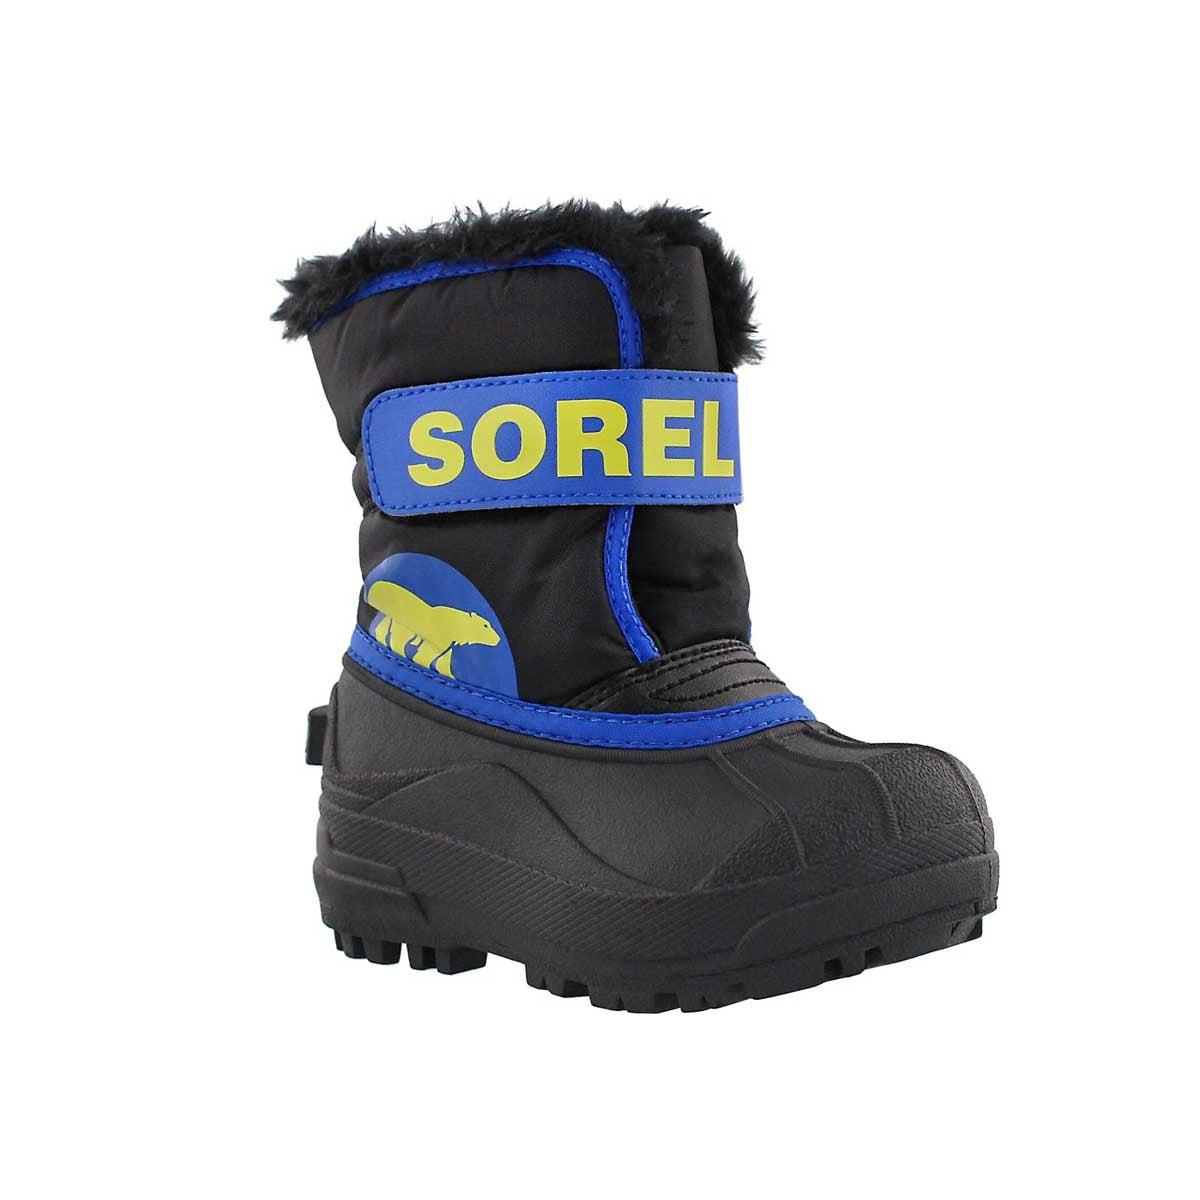 Infants' SNOW COMMANDER black/blue boots